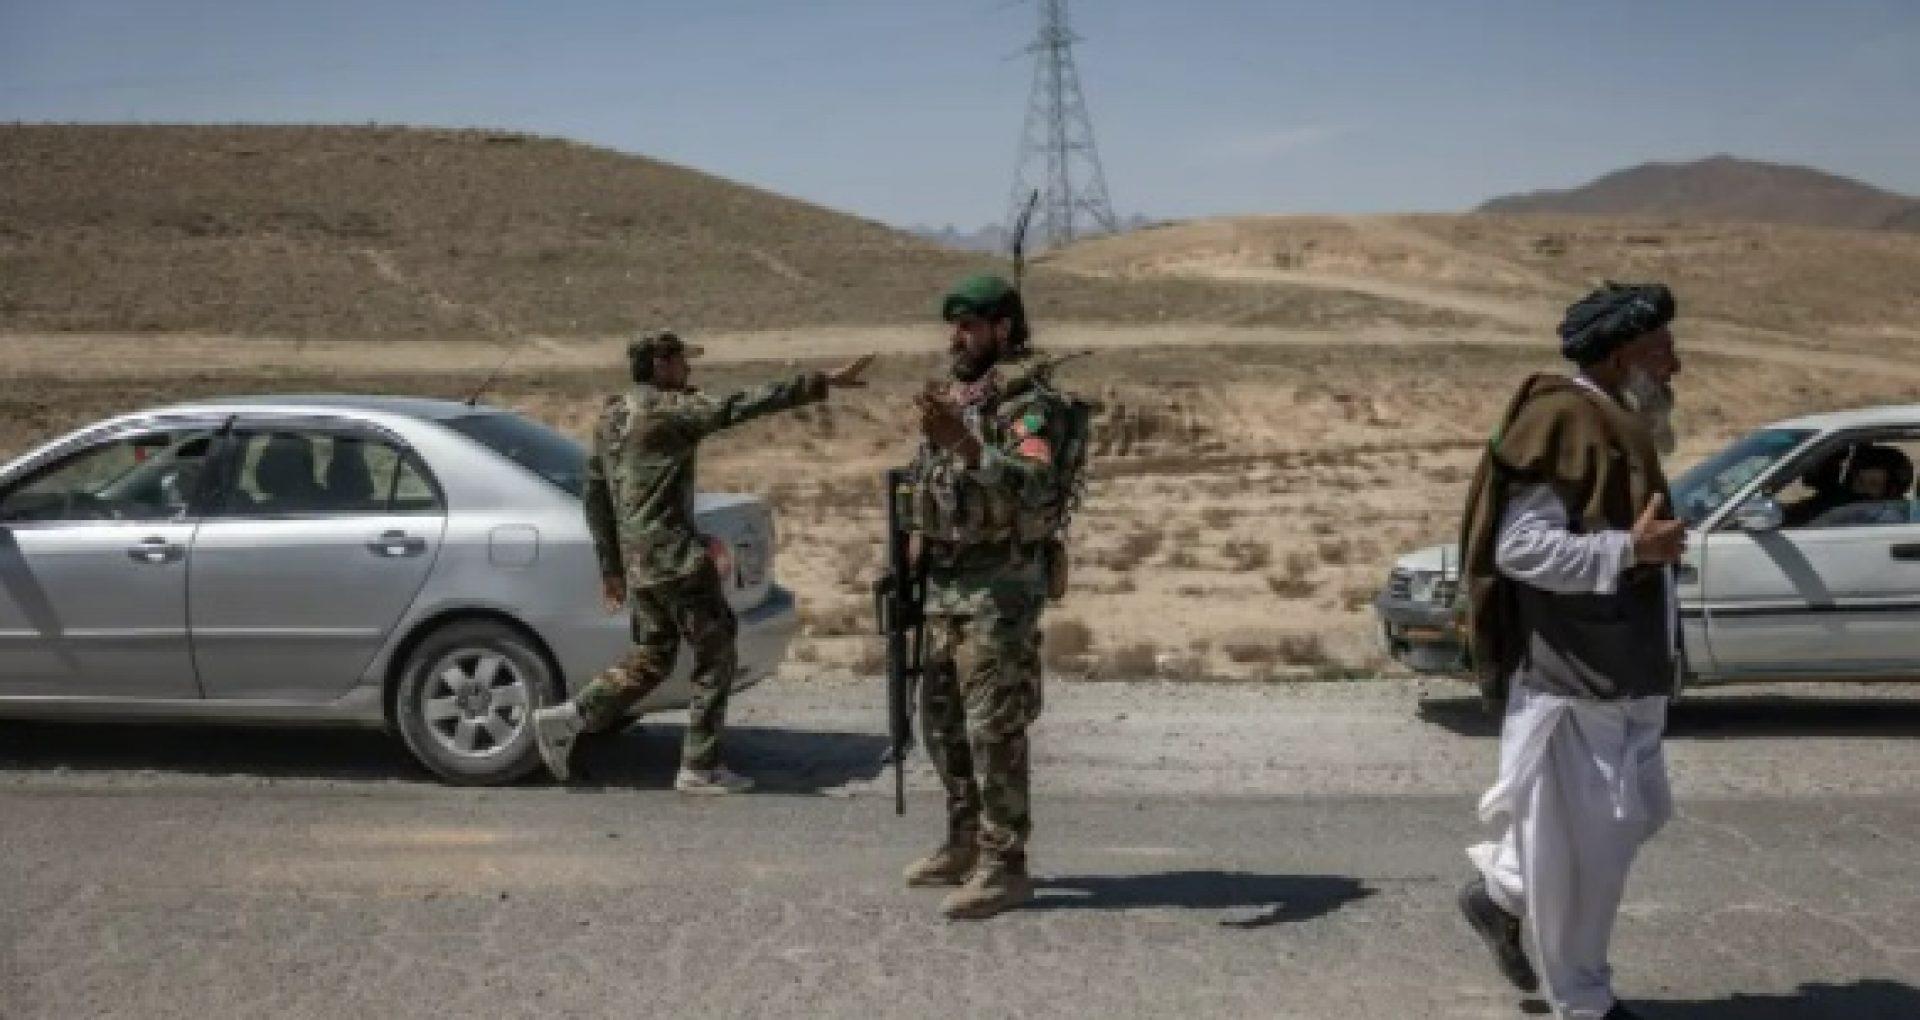 Afganistan: Interdicţie de circulaţie pe timp de noapte în 31 din cele 34 de provincii, din cauza ofensivei talibanilor